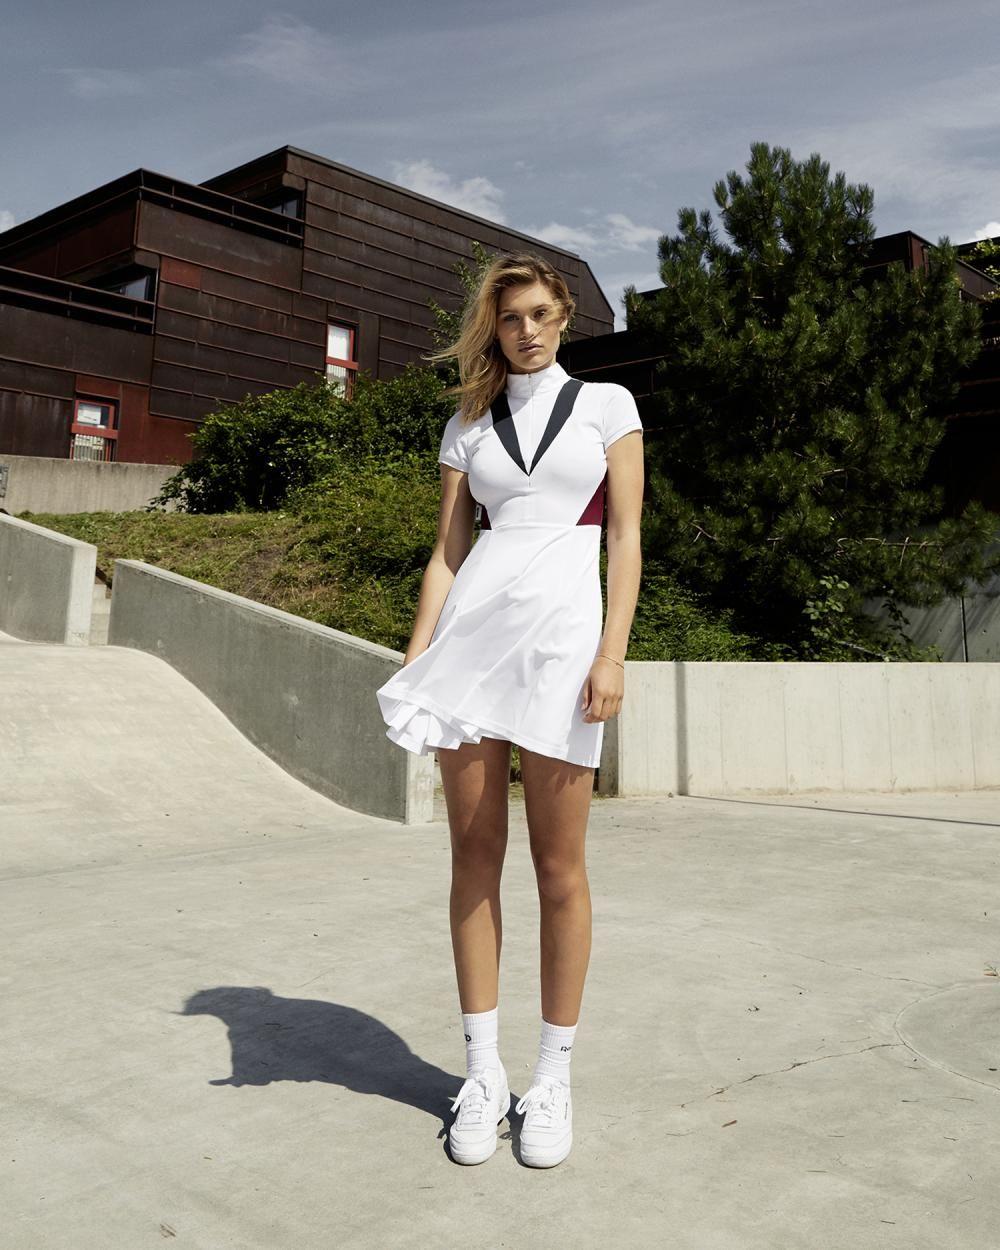 Reebok - Naked x Reebok Summer '16 Court Dress